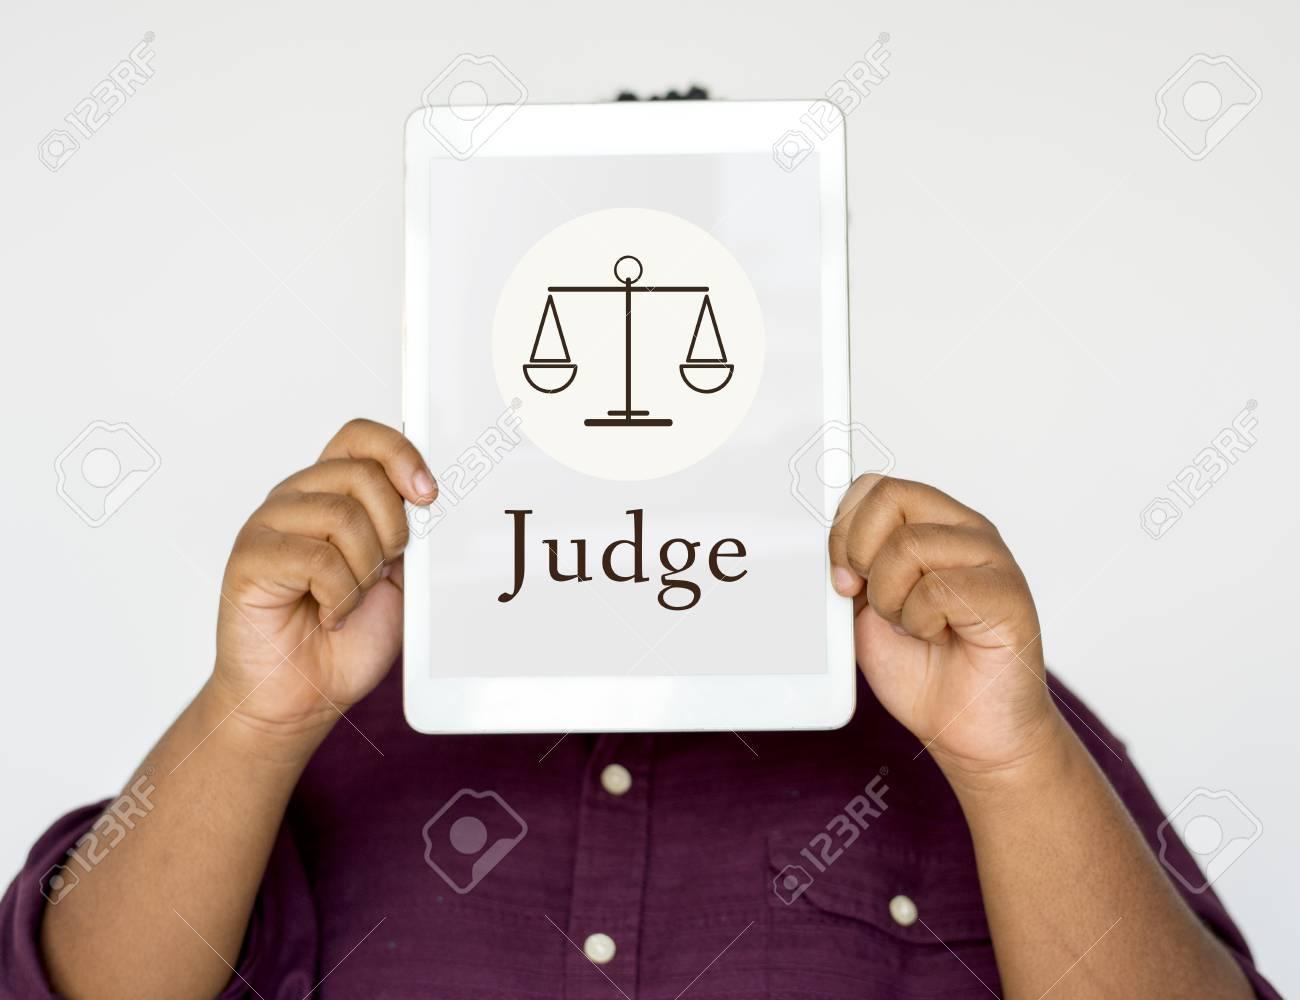 司法判断の平等の概念 の写真素材・画像素材 Image 81766843.